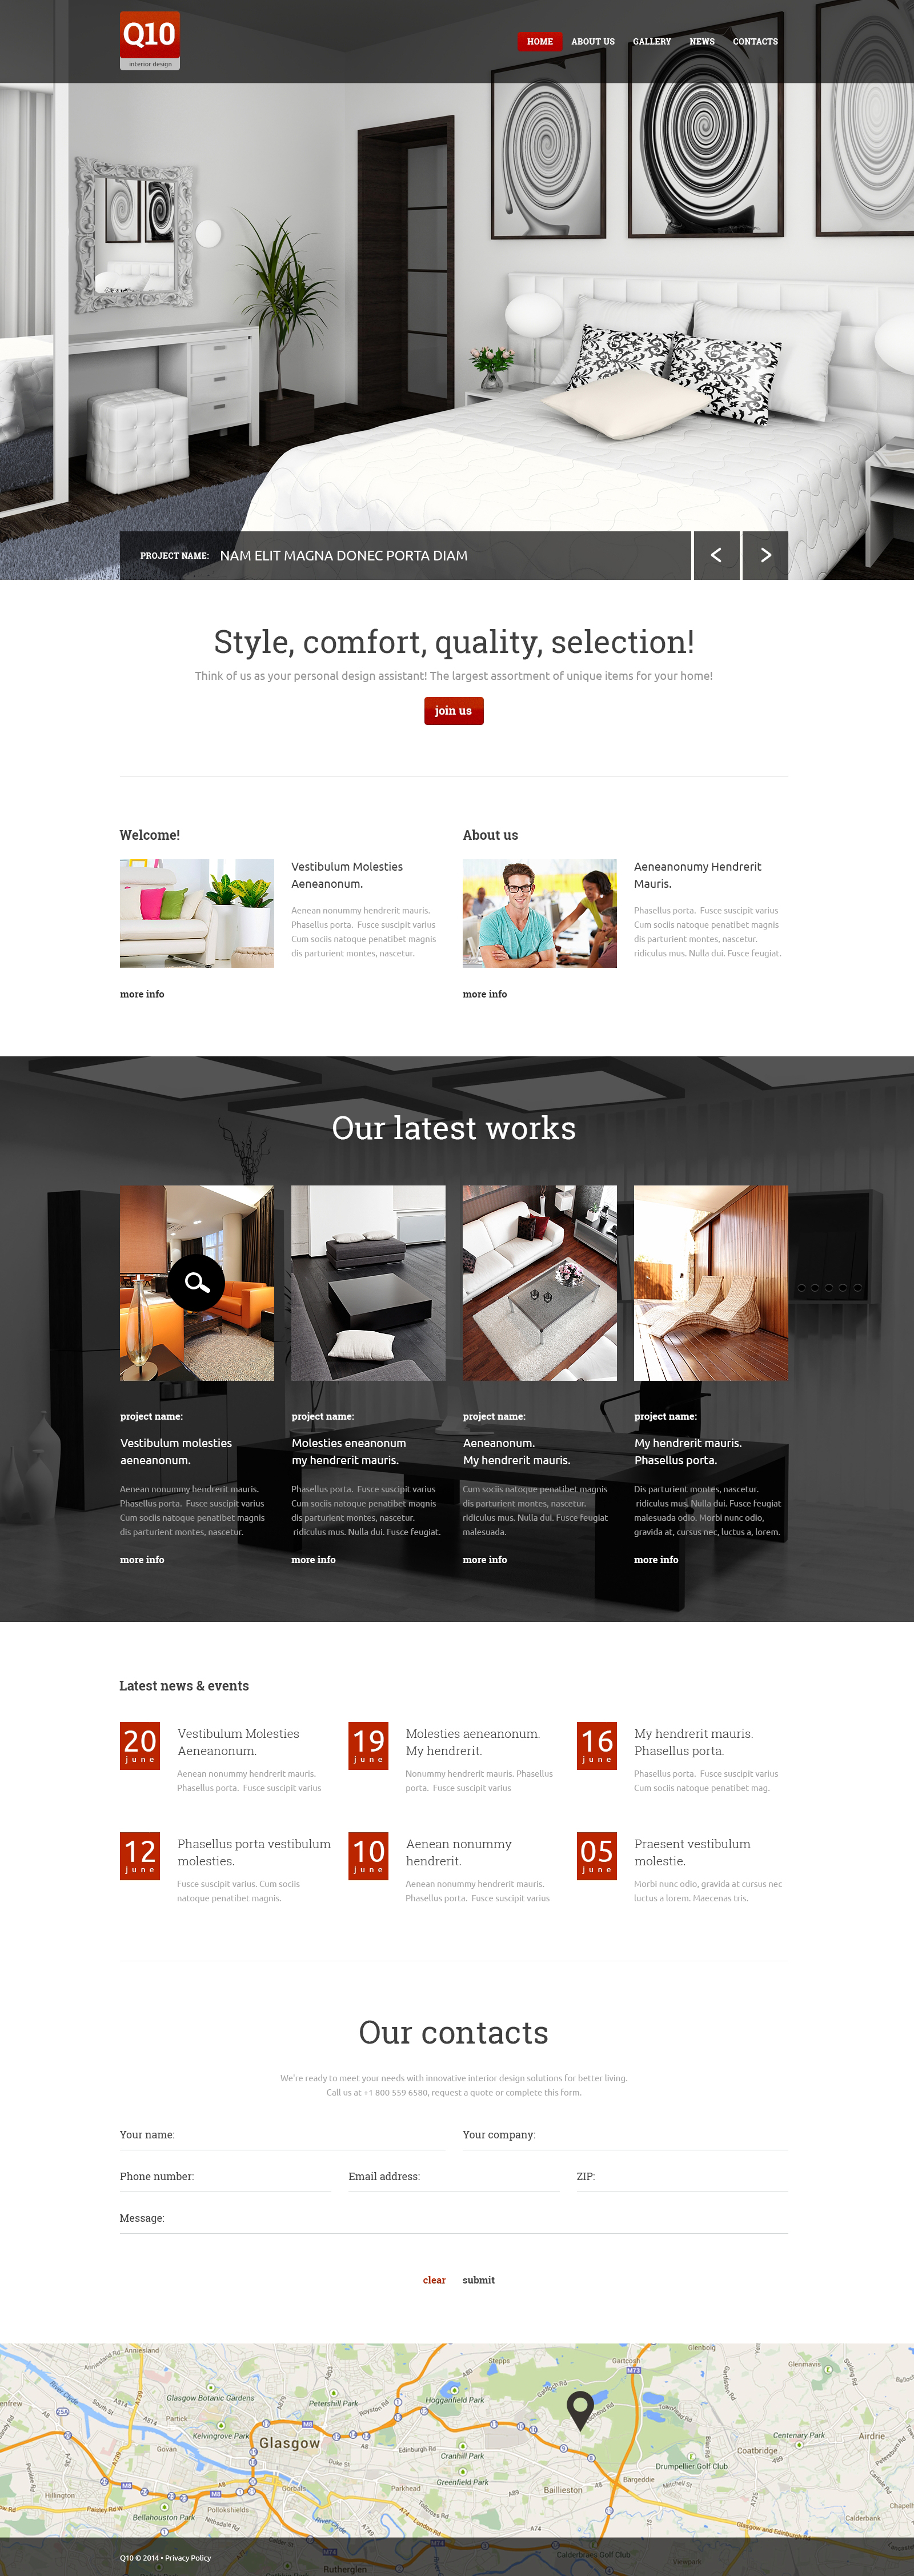 Bootstrap Шаблон сайту на тему внутрішній дизайн №49532 - скріншот